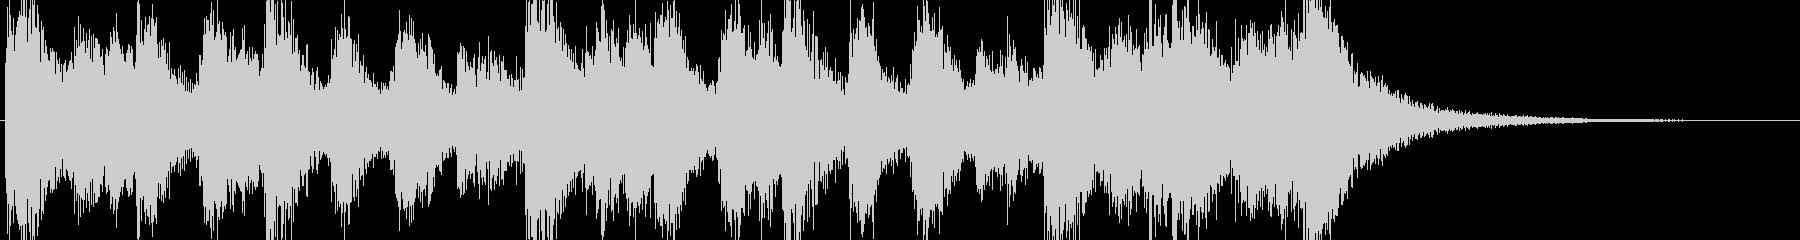 オーケストラ、ファンファーレ、マーチのんの未再生の波形